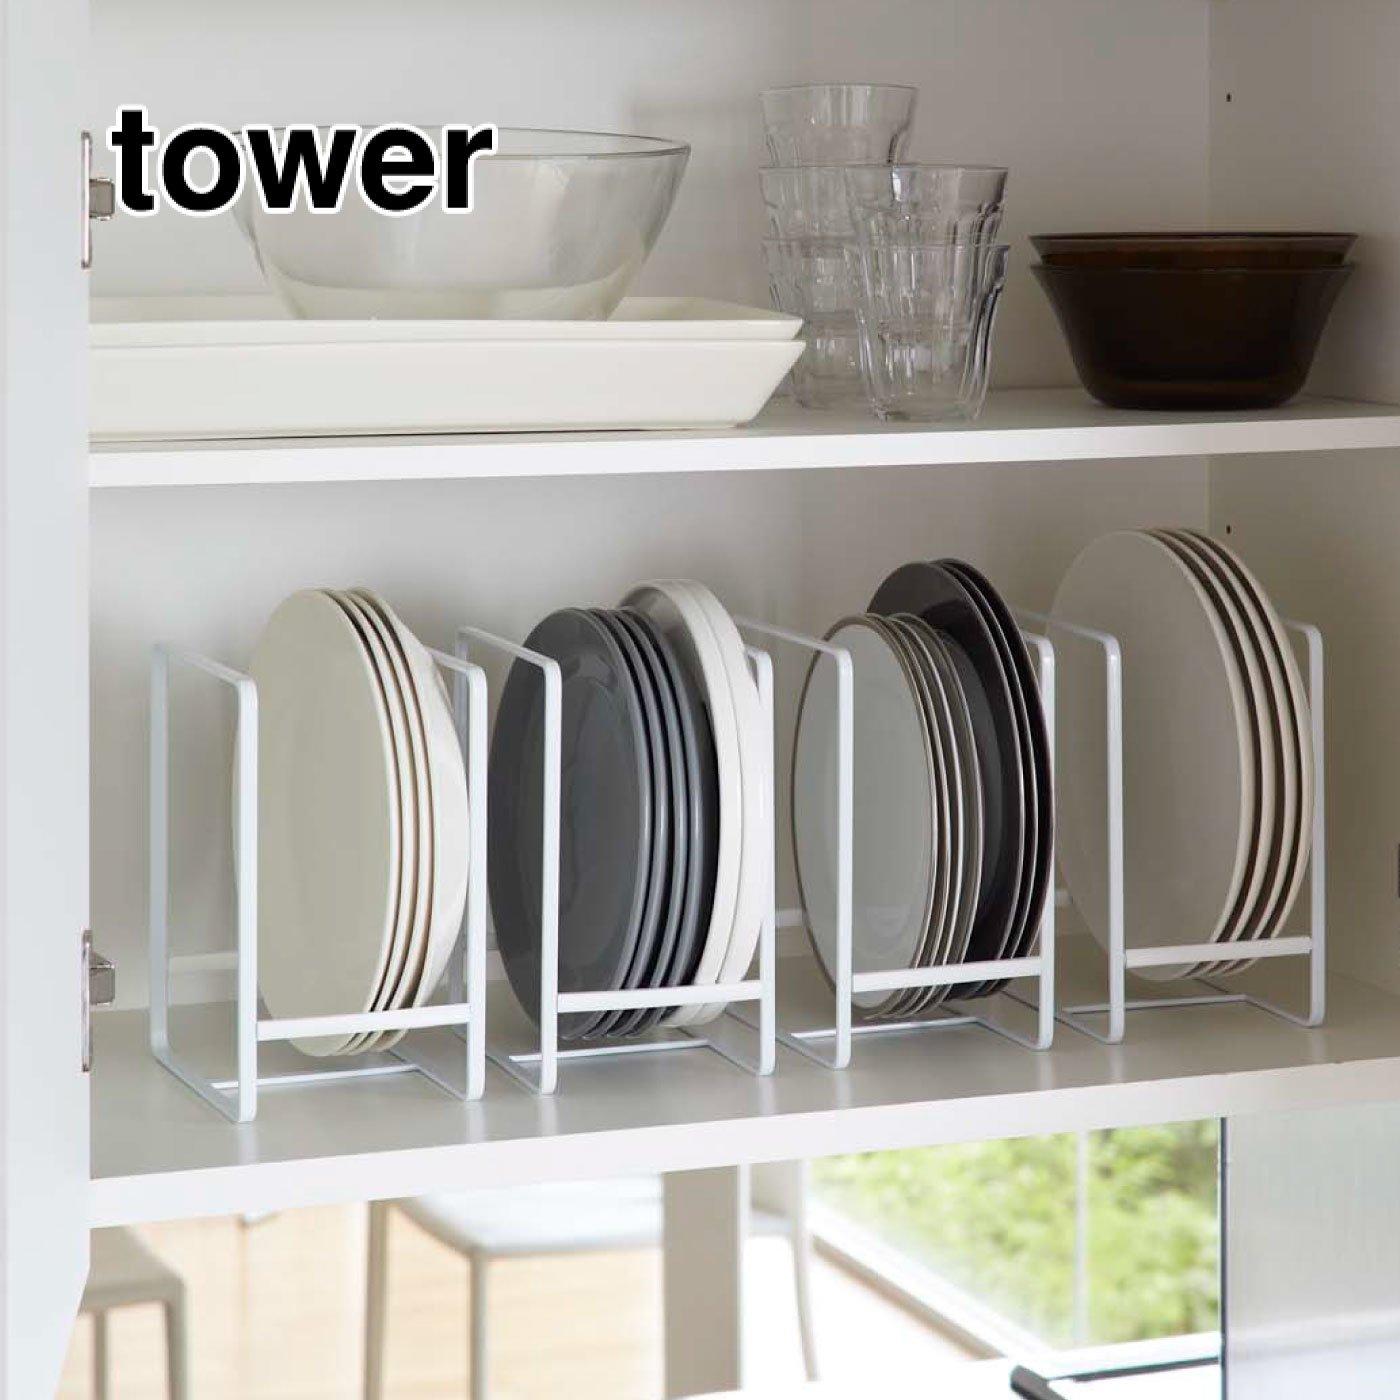 tower ディッシュラック Lサイズ